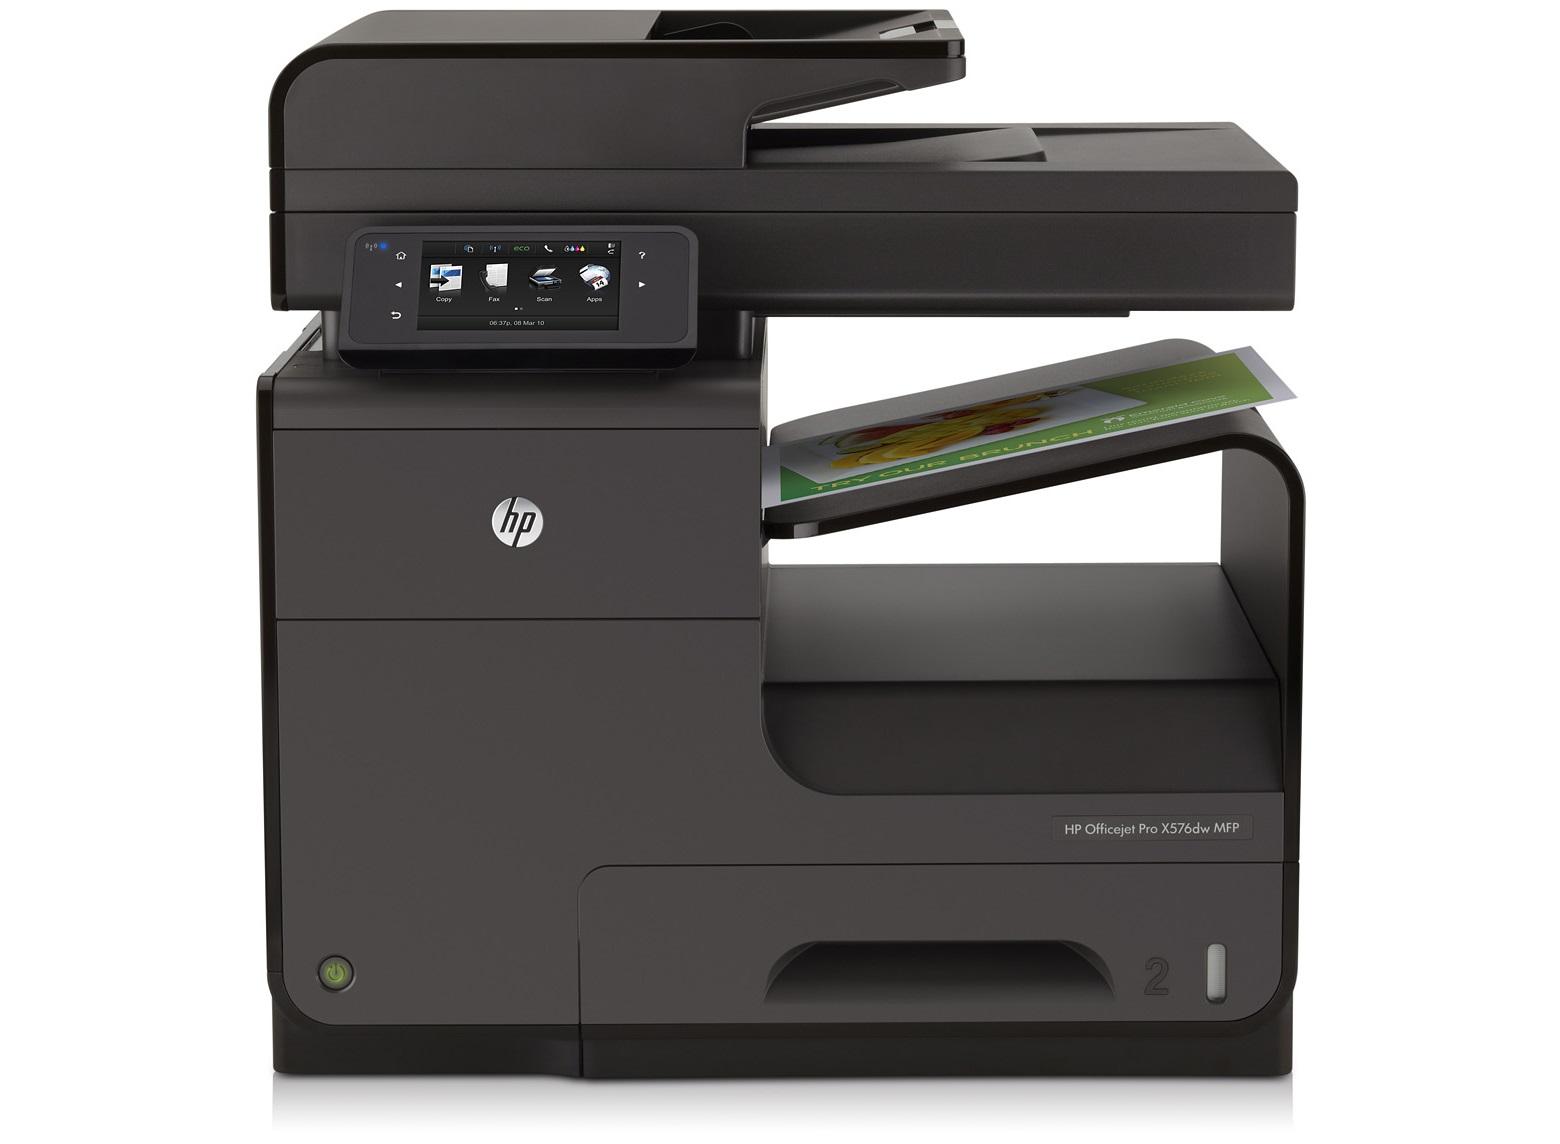 HP Officejet Pro X